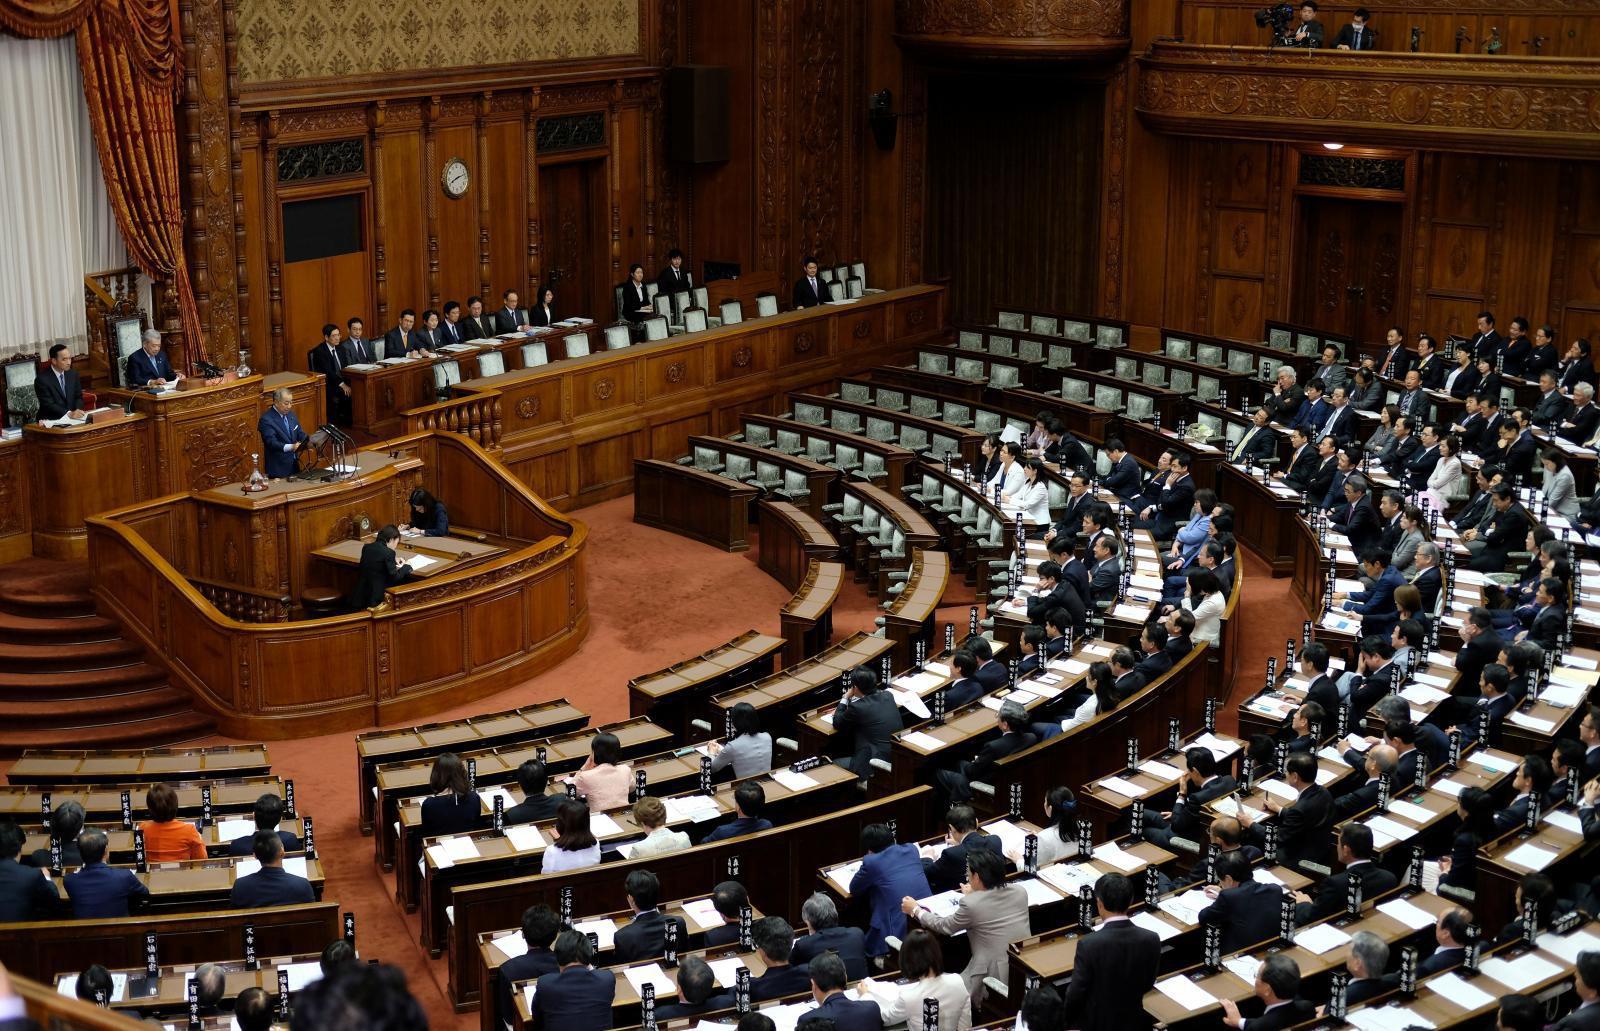 สภาญี่ปุ่น ไฟเขียวต่างชาติทำงานในประเทศ ลดปัญหาขาดแคลนแรงงาน